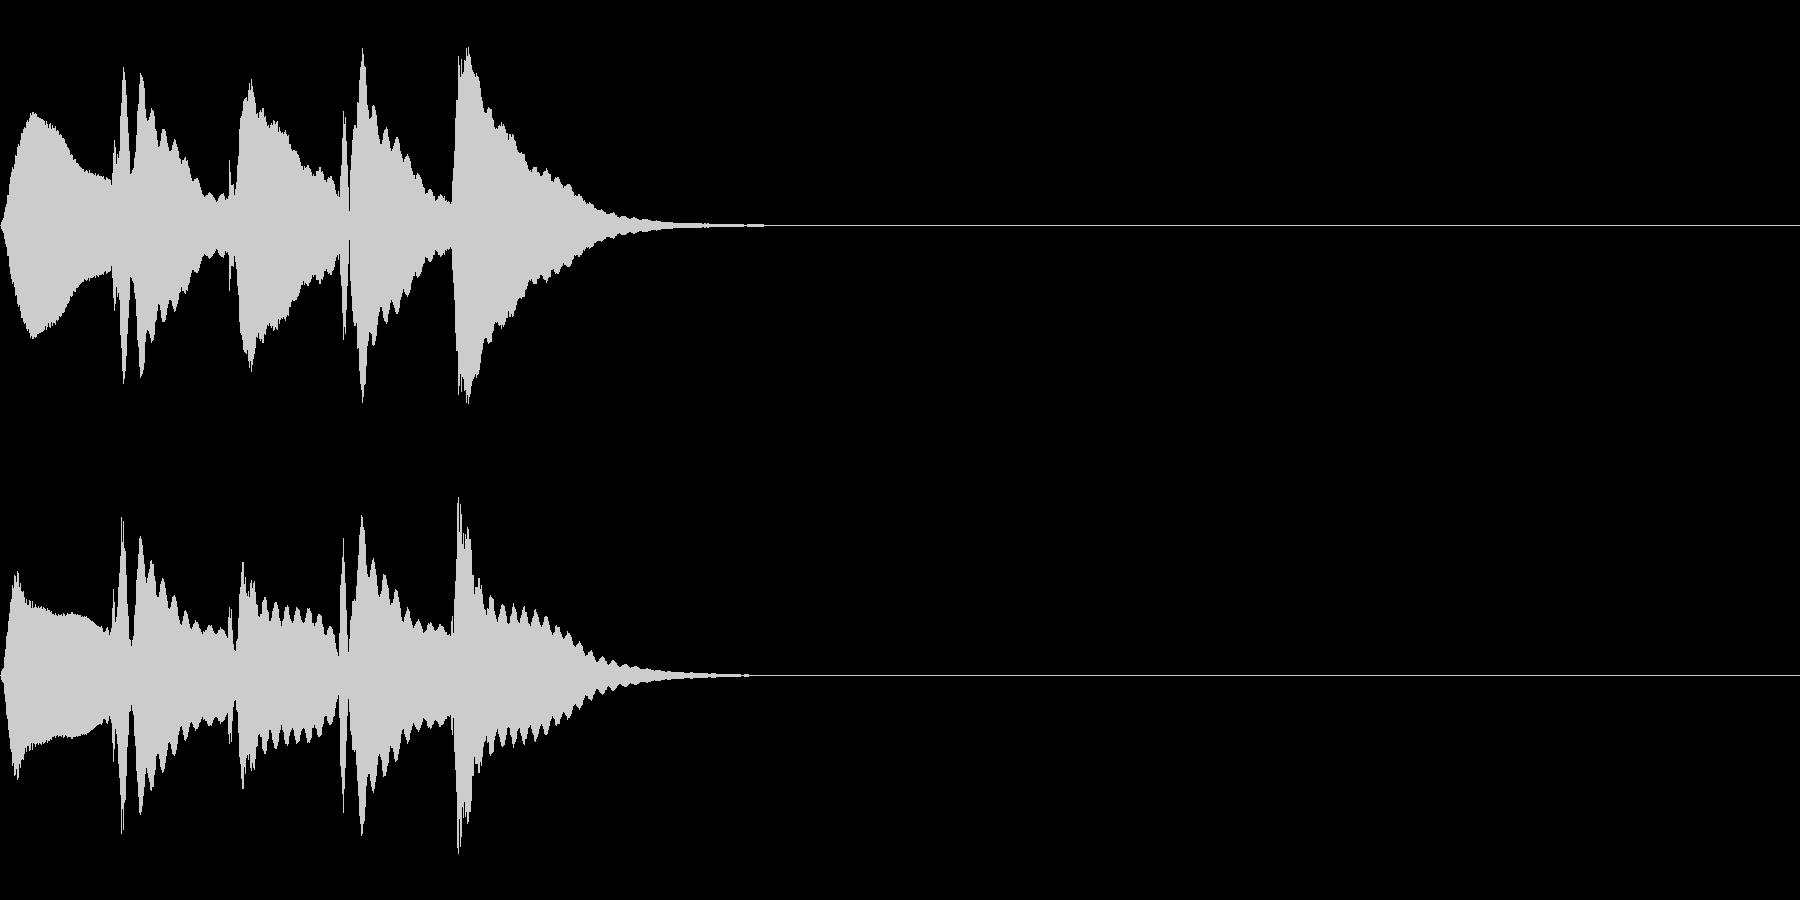 マリンバの短いトリルの未再生の波形